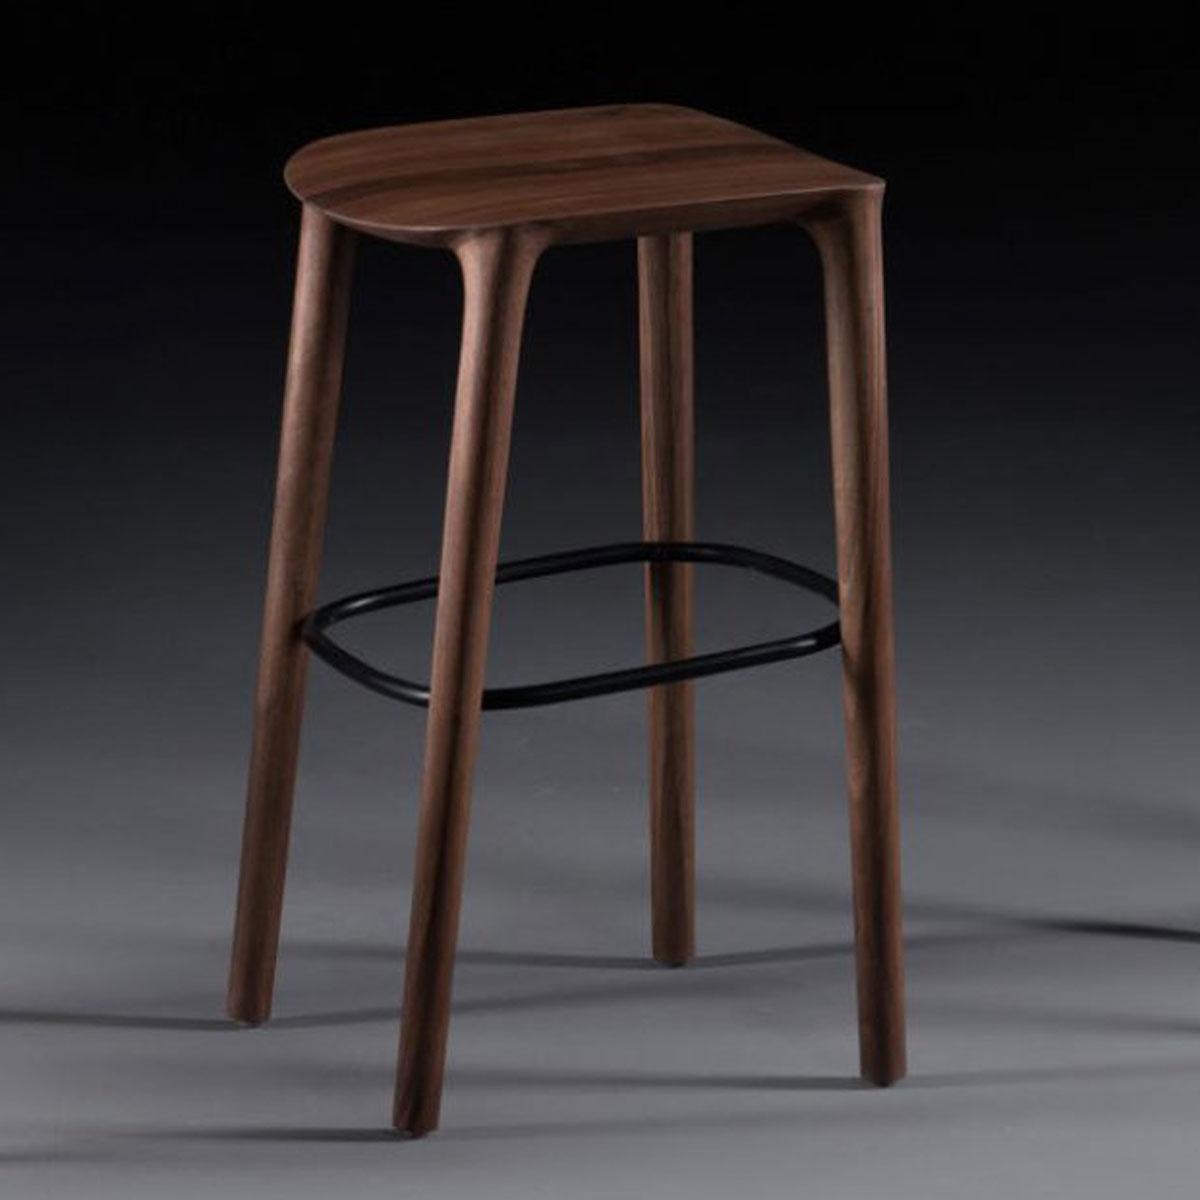 Silla Bar Neva 65 en madera maciza, con distintos materiales a elegir en el asiento, artesanía de calidad para Artisan